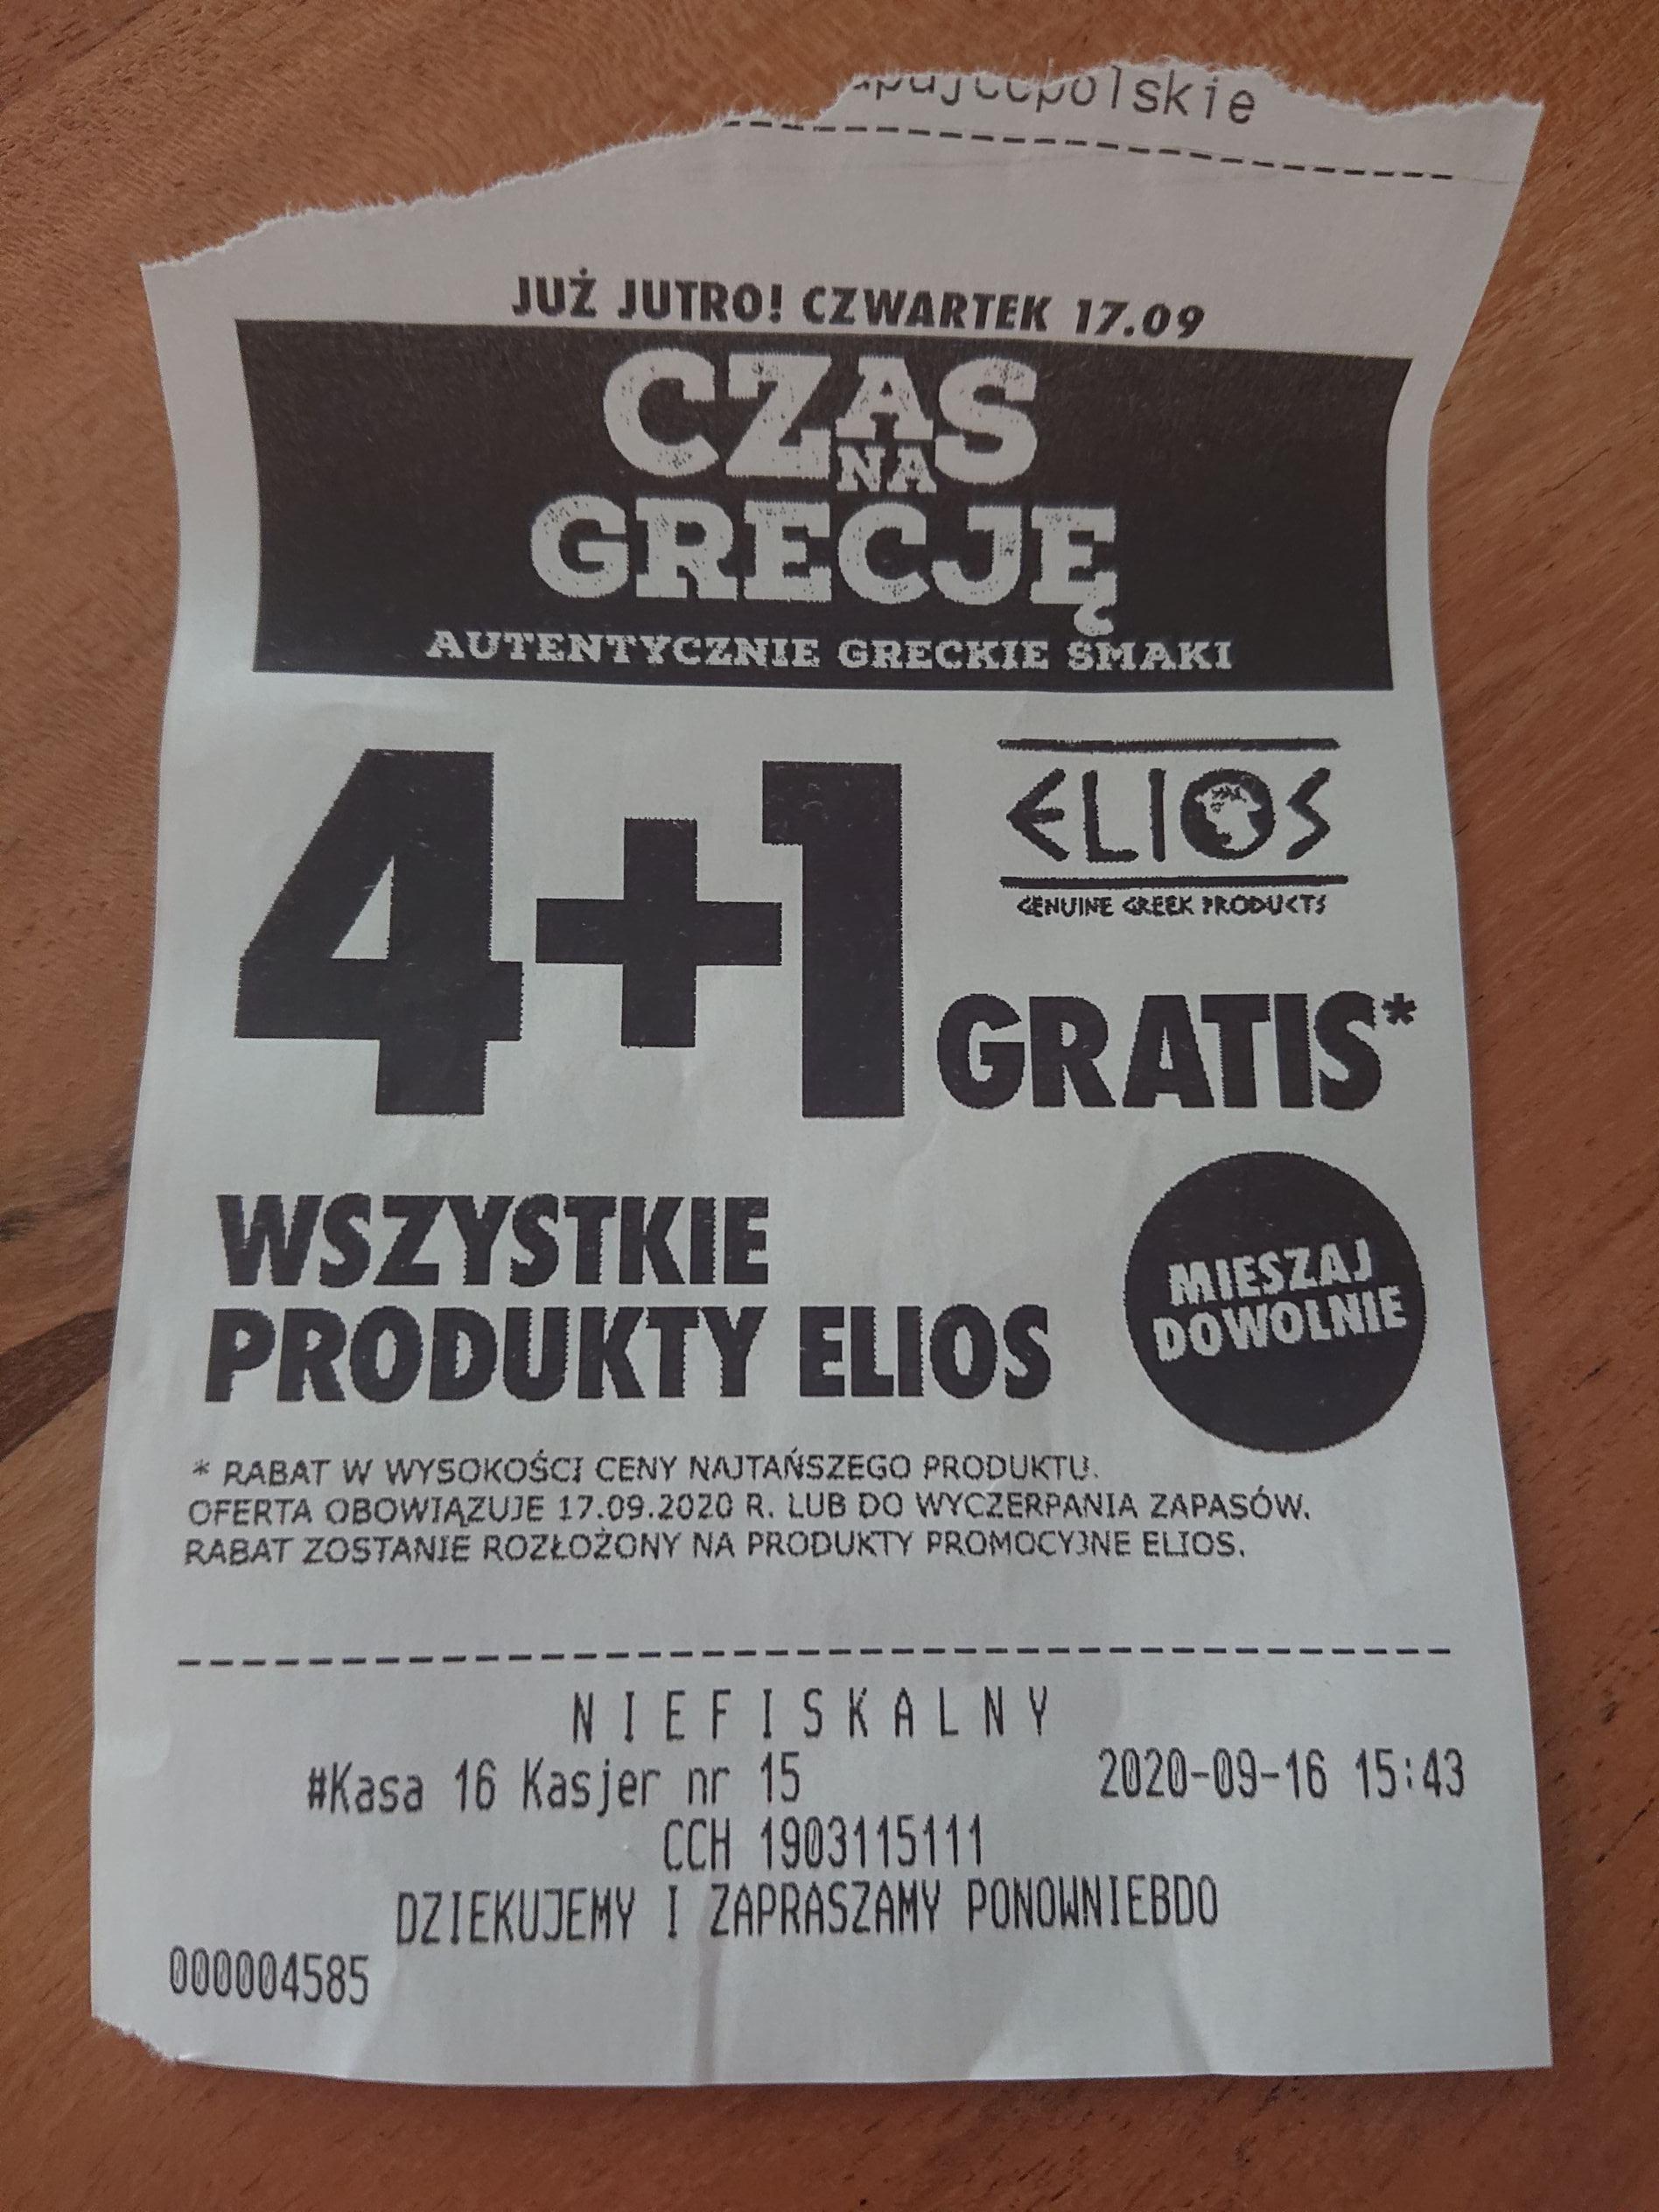 Biedronka promocja na produkty greckie Elios. Ważne tylko dziś